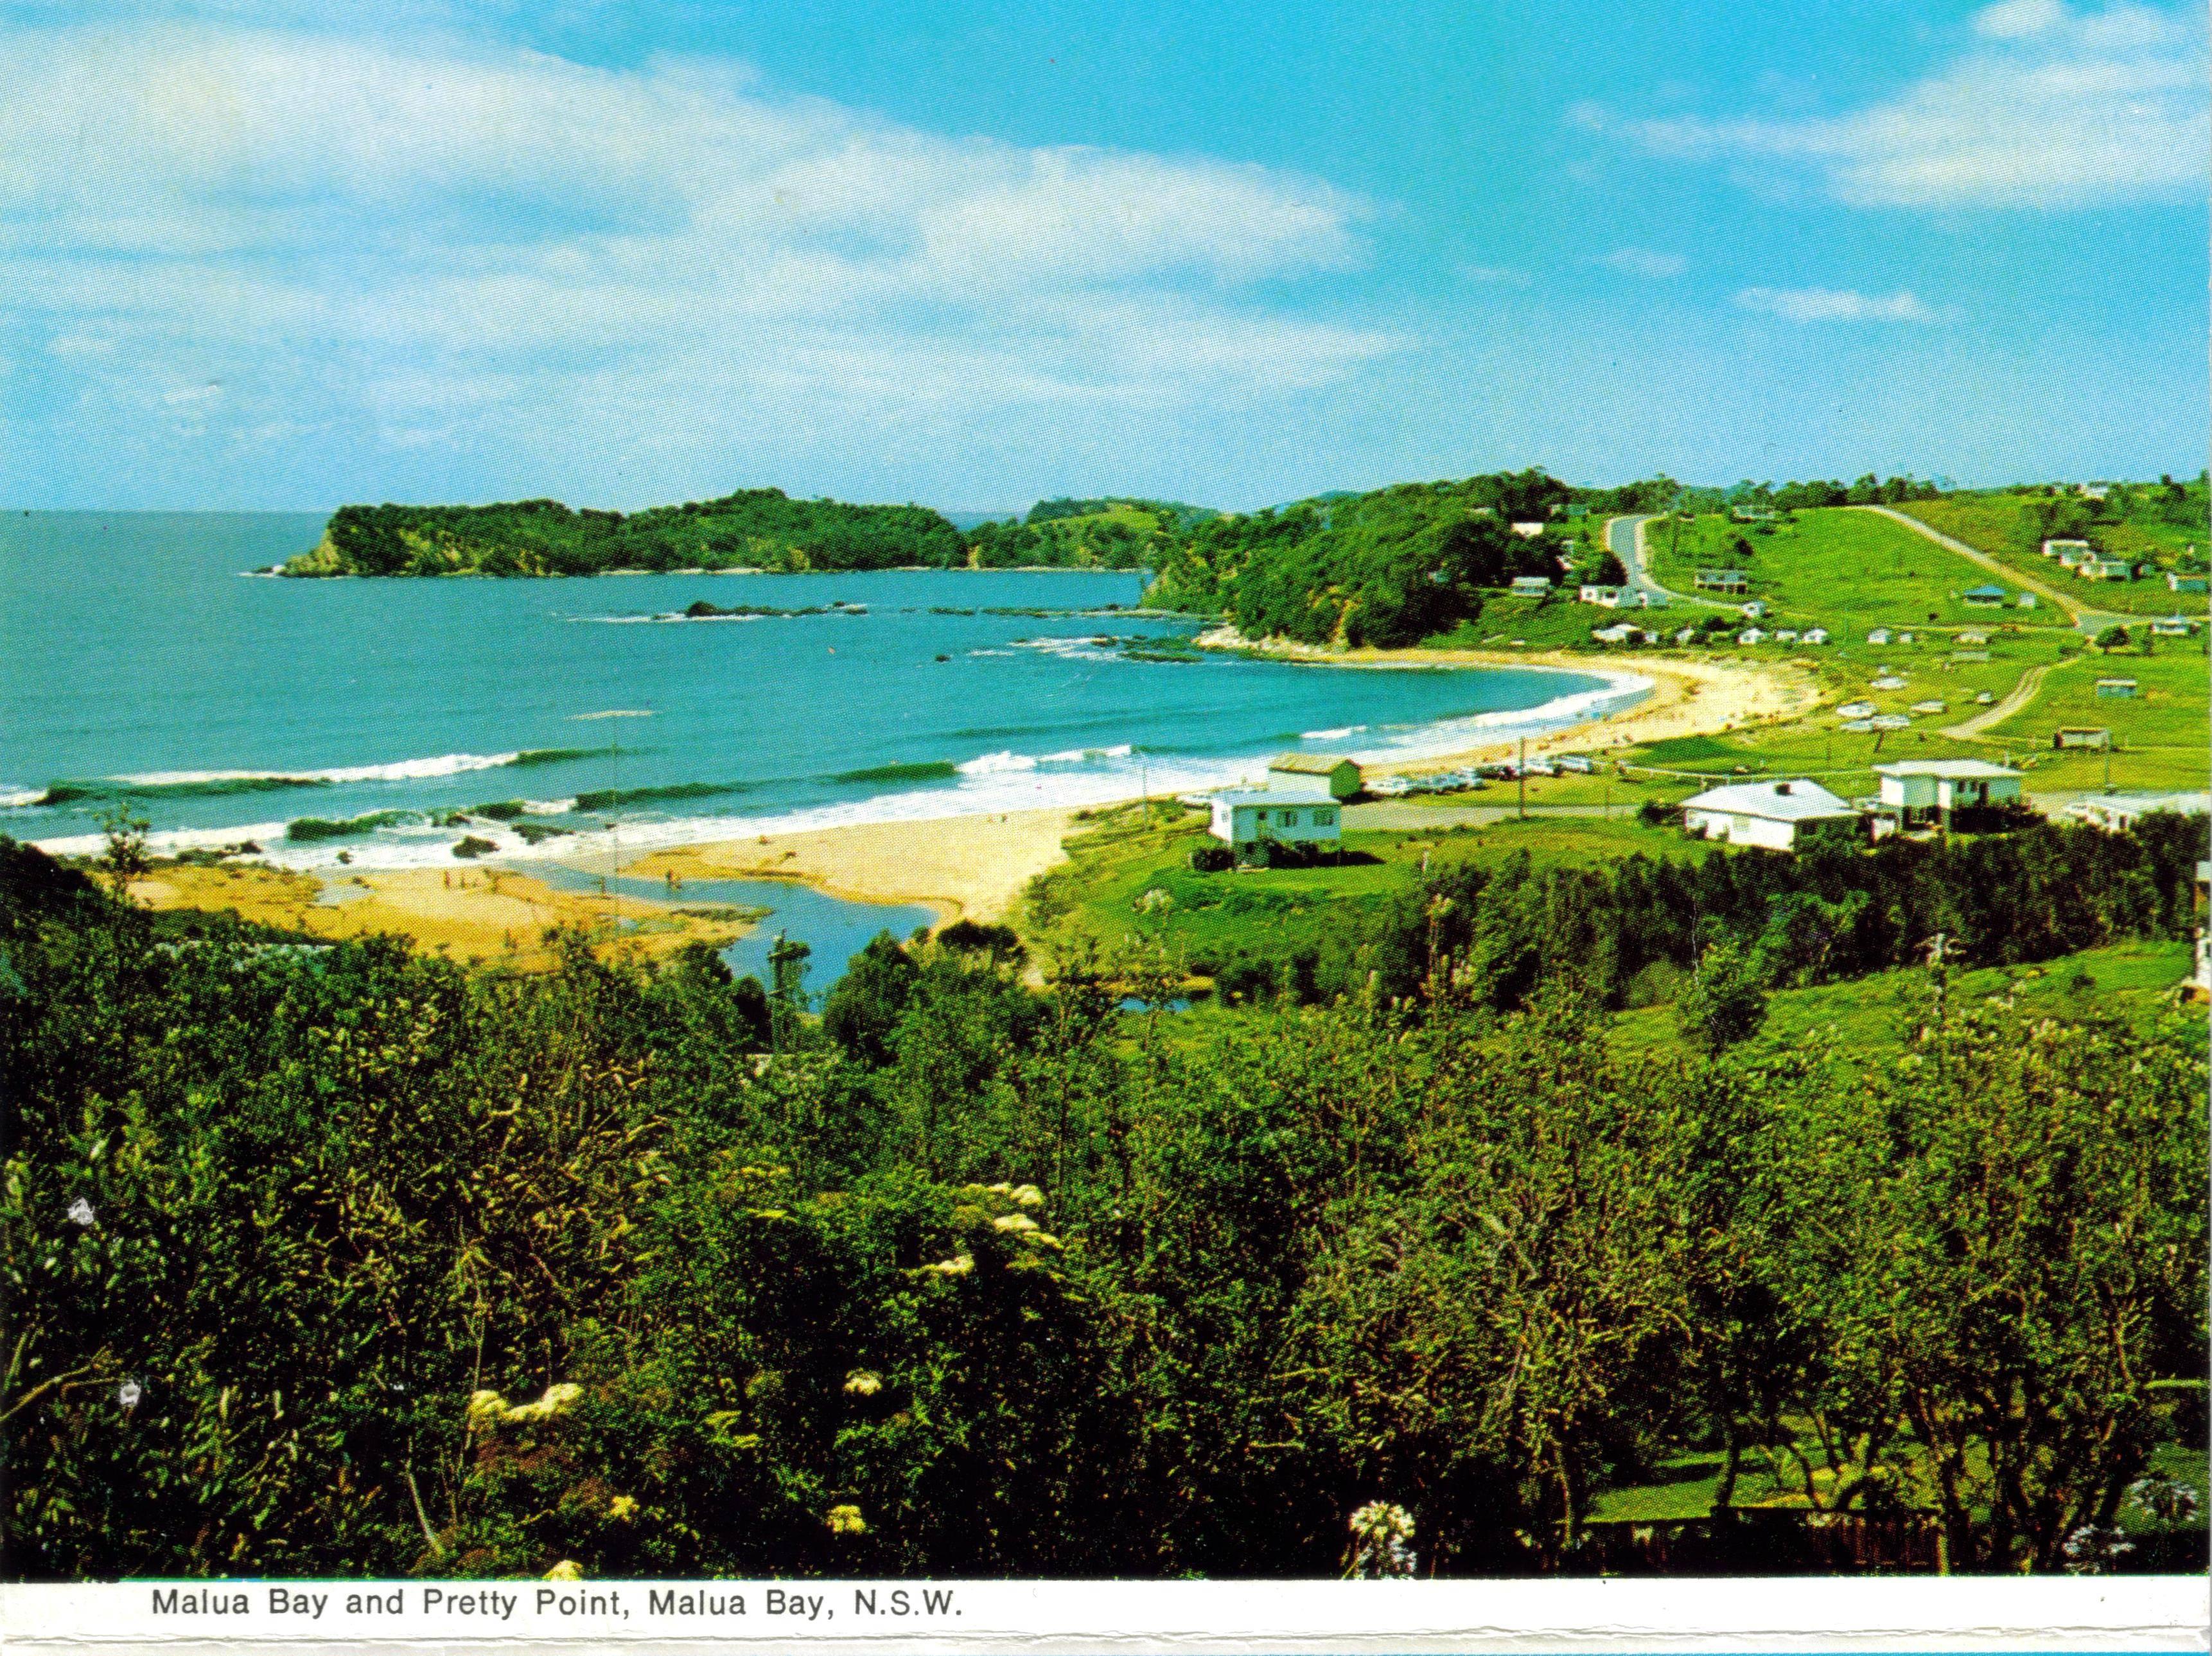 Malua Bay and Pretty Point